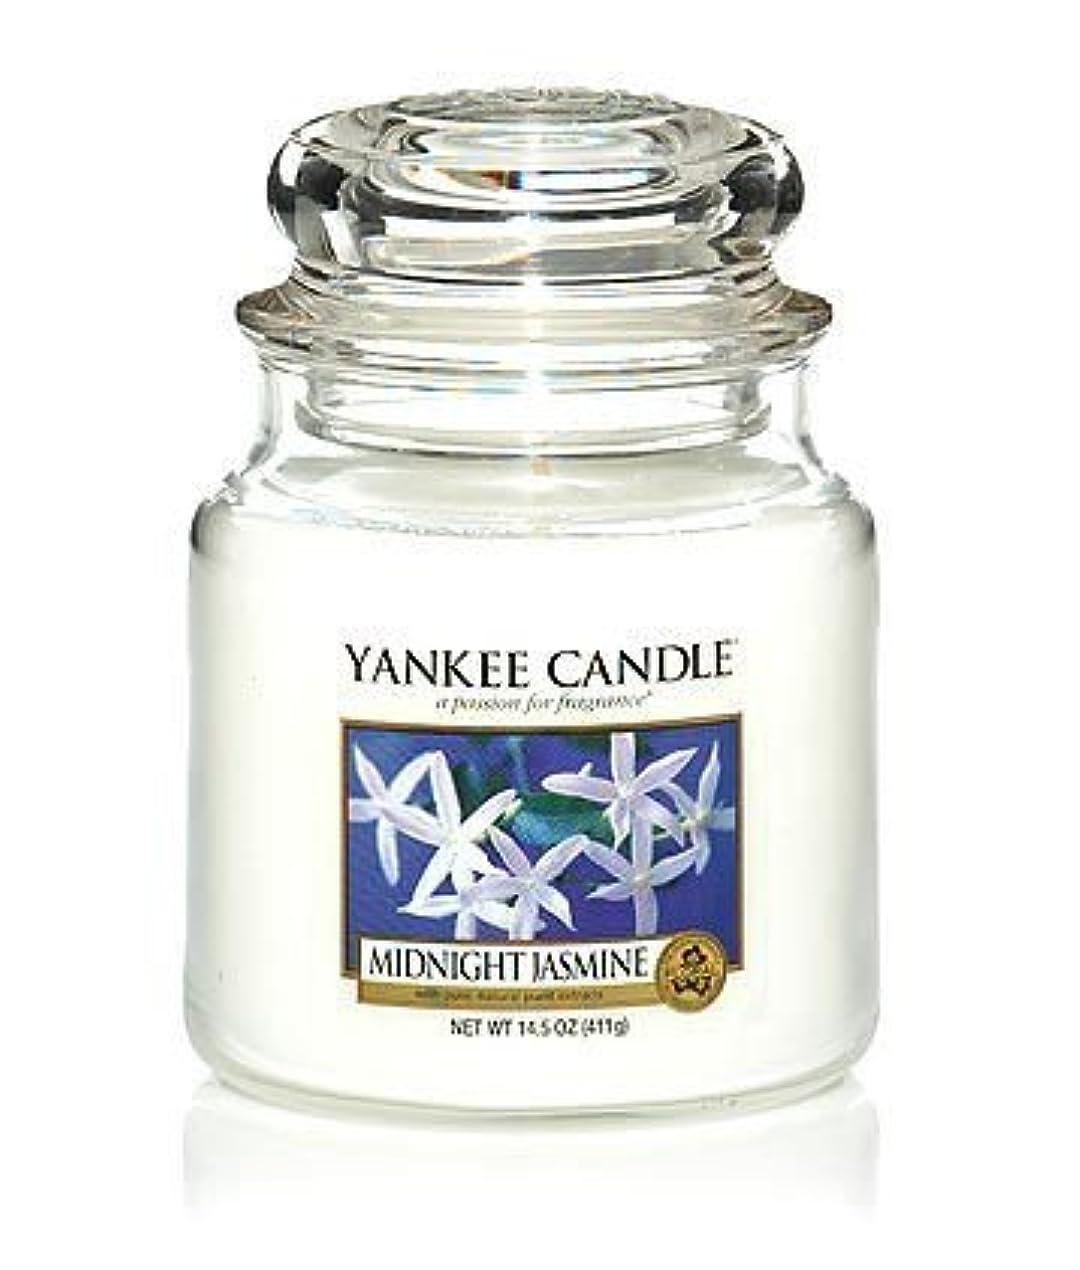 郵便局前売シンボルYankee Candle Midnight Jasmine Medium Jar Candle, Floral Scent by Yankee Candle [並行輸入品]